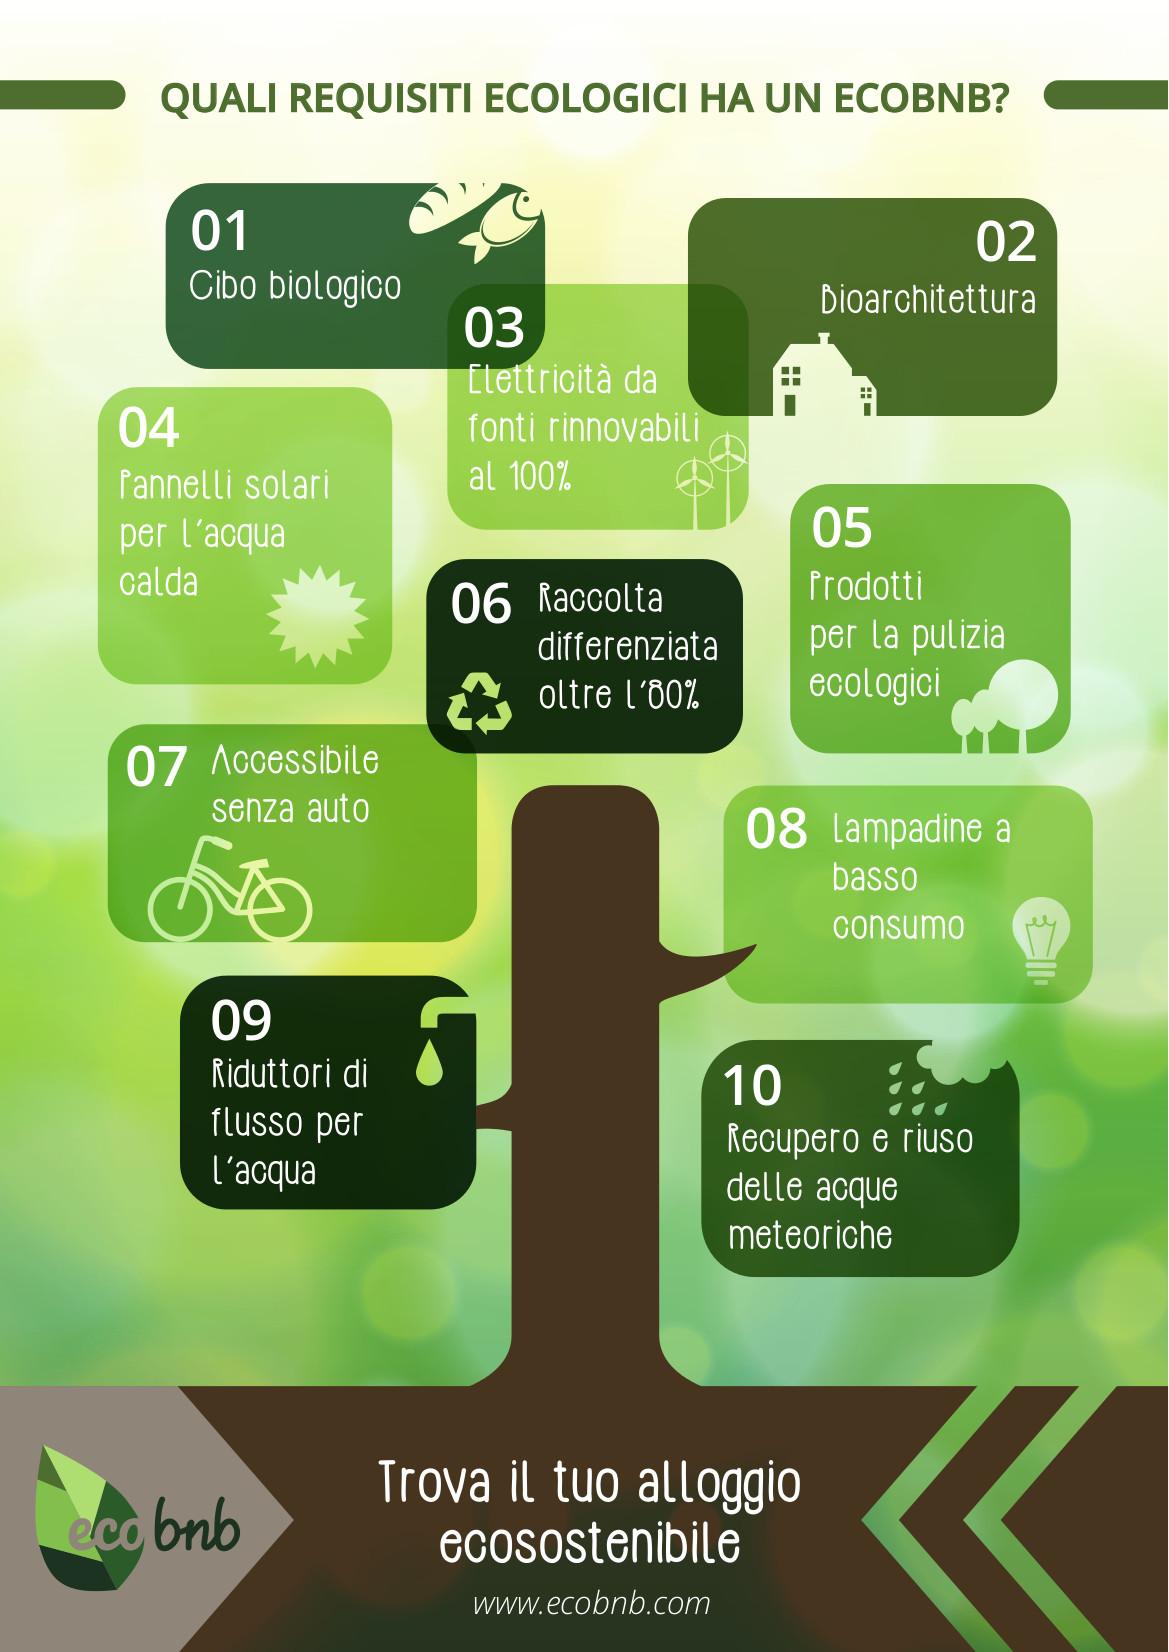 ecobnb - requisiti di Eco-Sostenibilità